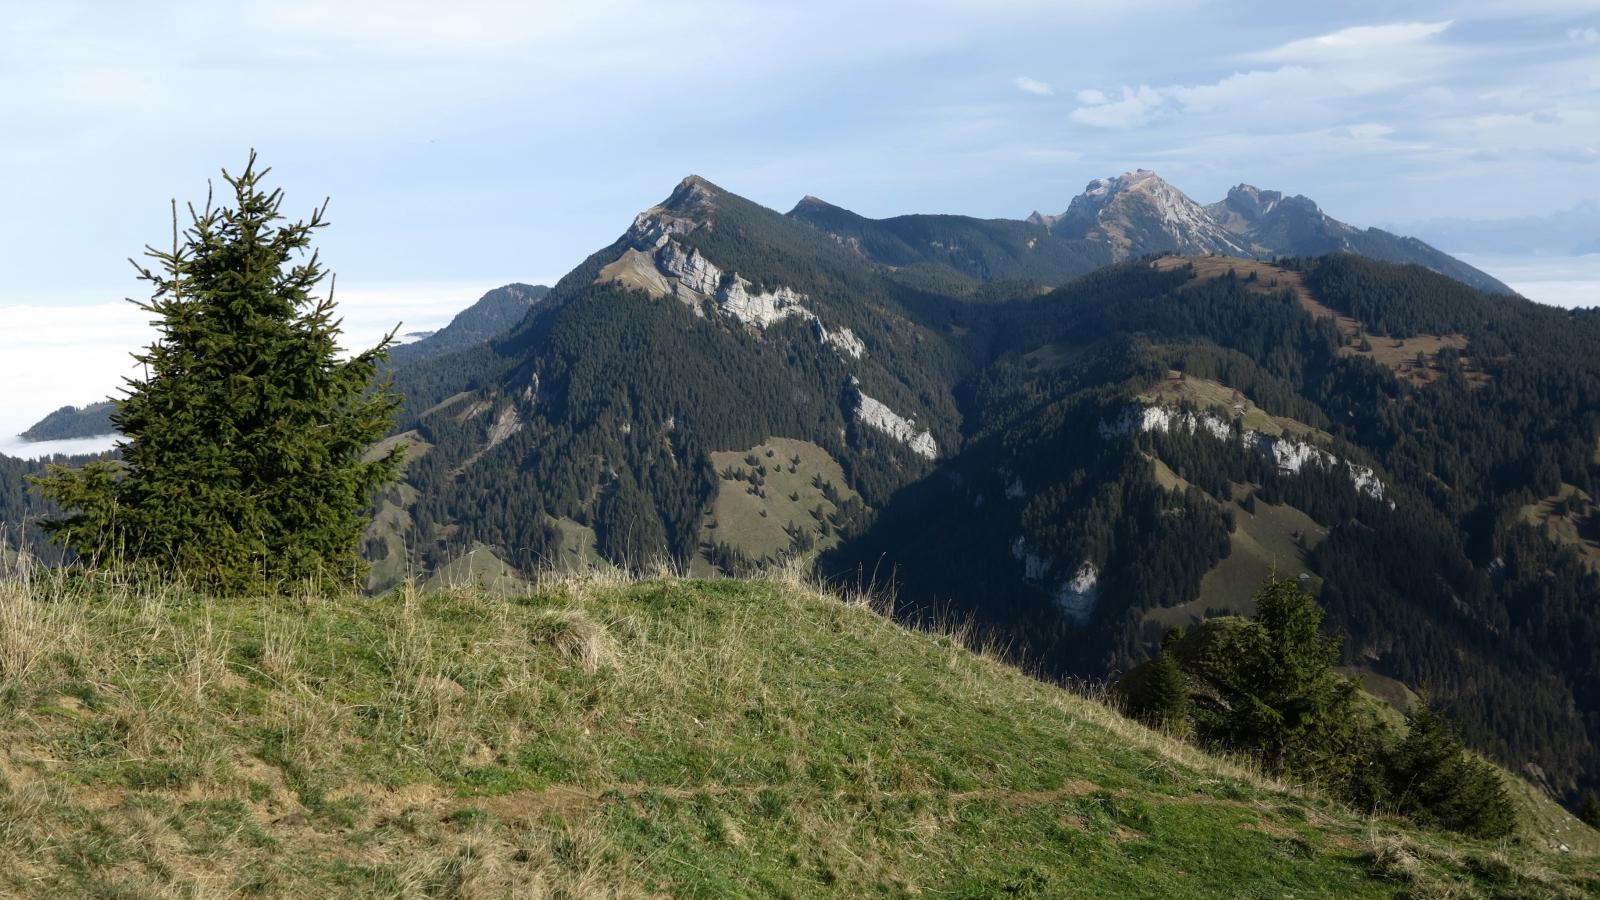 Im Aufstieg lohnt sich ab und zu ein Seitenblick in Richtung Stäfeliflue, Mittaggüpfi und Pilatus.